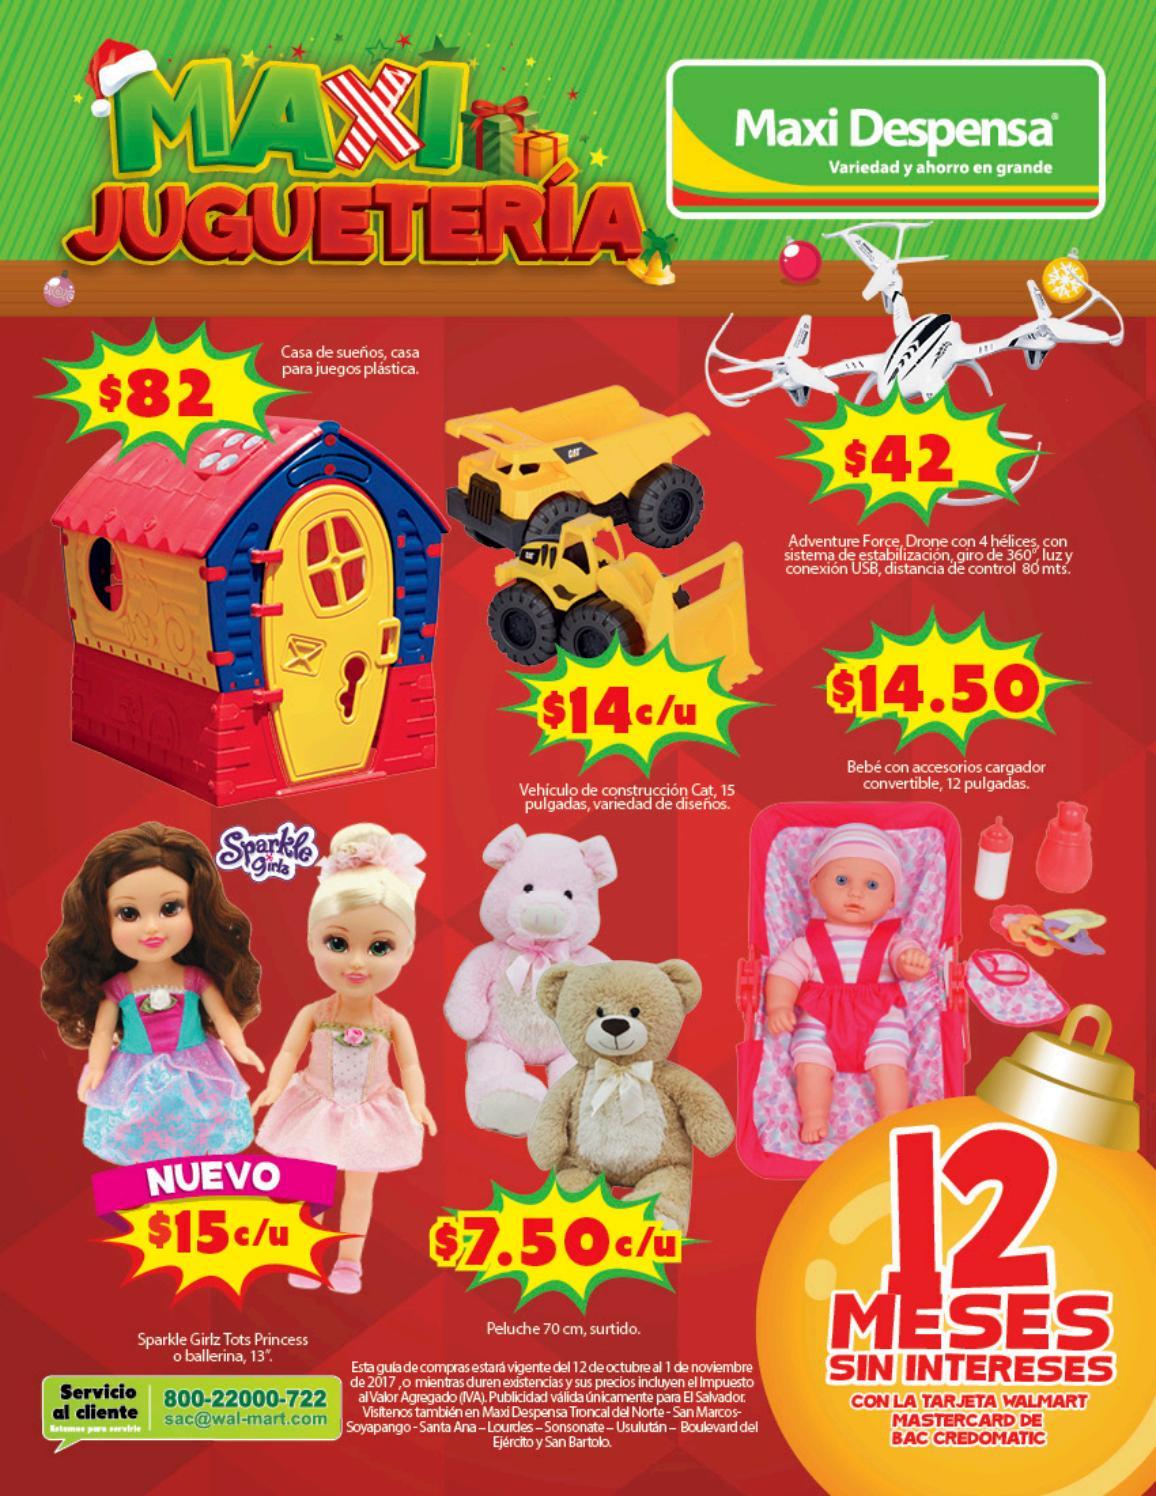 Los mejores juguetes en la guia de compra maxi despensa